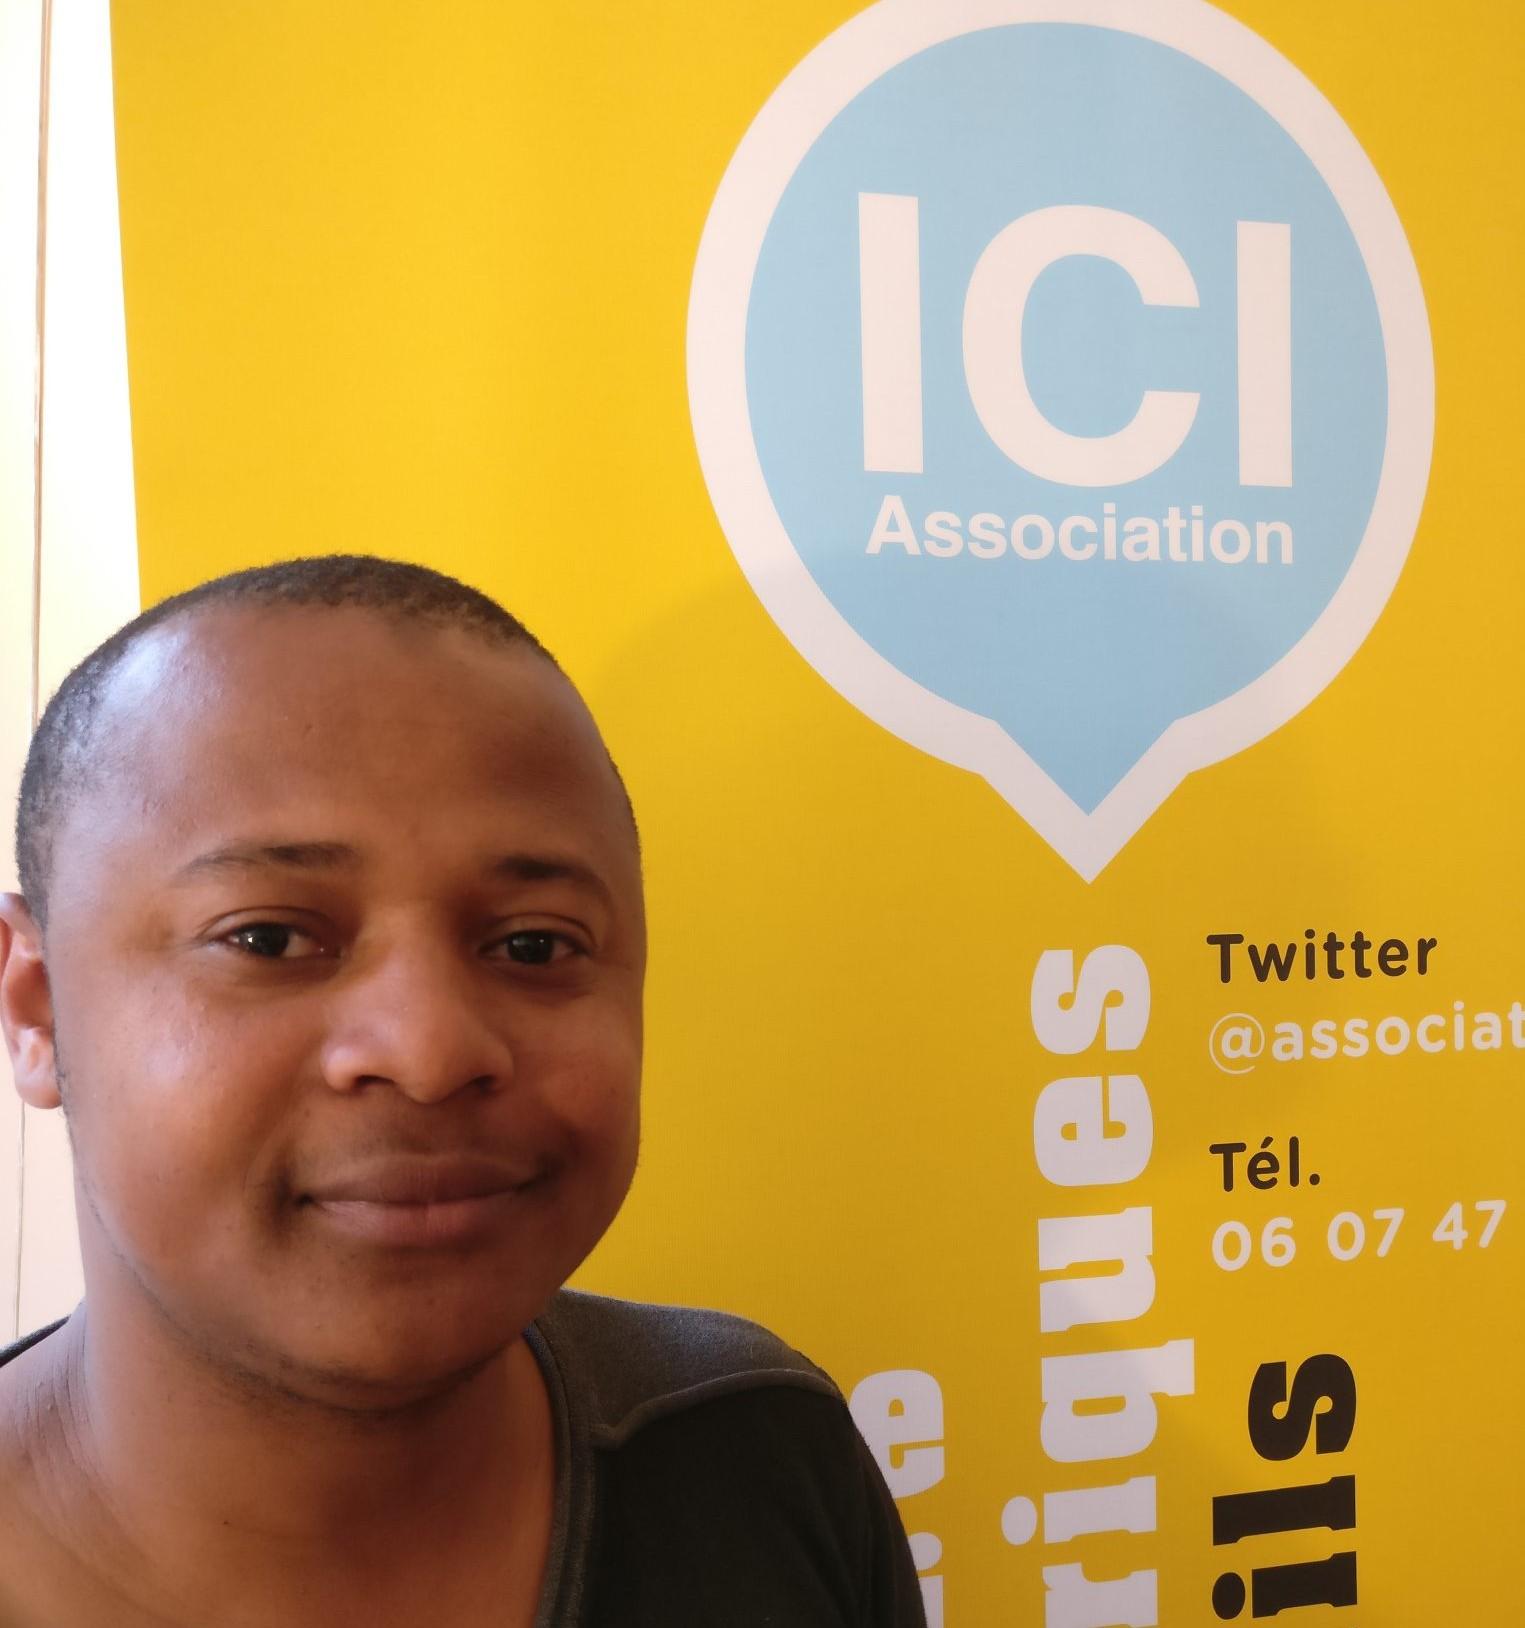 Innovons pour la Citoyenneté sur Internet (ICI)